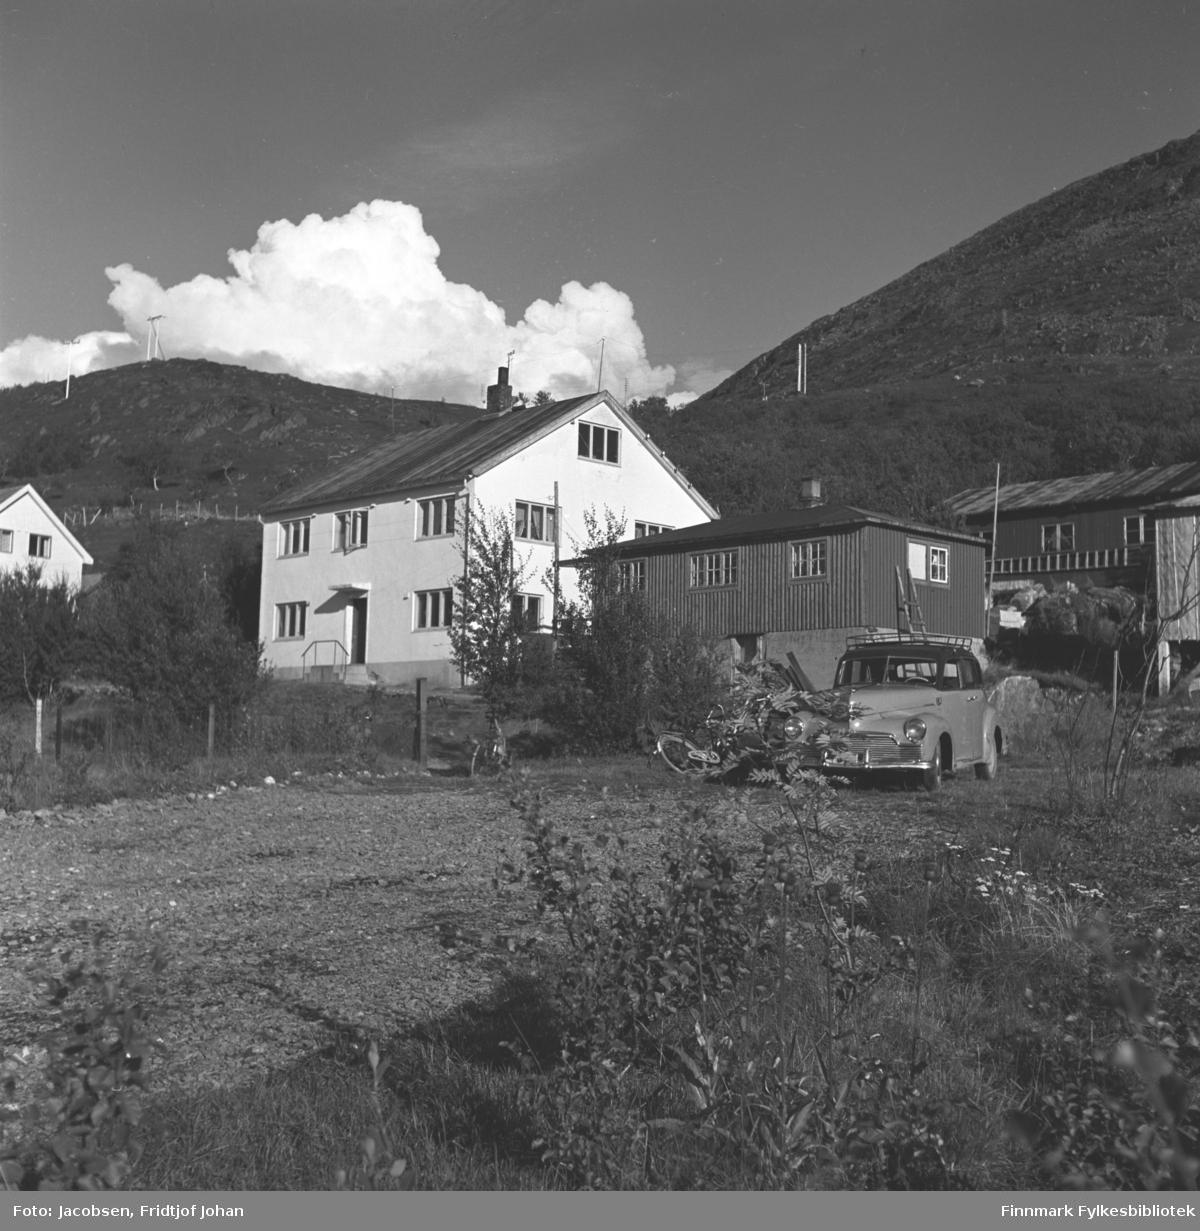 Huset til Arne Nakken, Fridtjof Jacobsens svigerfar i Bjørkåsen i Rypefjord. Huset er stort og hvitmalt med mange tre-delte vinduer. Hytta ved siden av tilhørte Aase og Fridtjof. En bil og to sykler står i enden av den grusdekte oppkjørselen. En del løvtrær og små busker står på omårdet og i hagen. Røstveggen på en annen bolig ses helt til venstre på bildet og en liten hytte til høyre. Flere el-stolper står i fjellsiden.